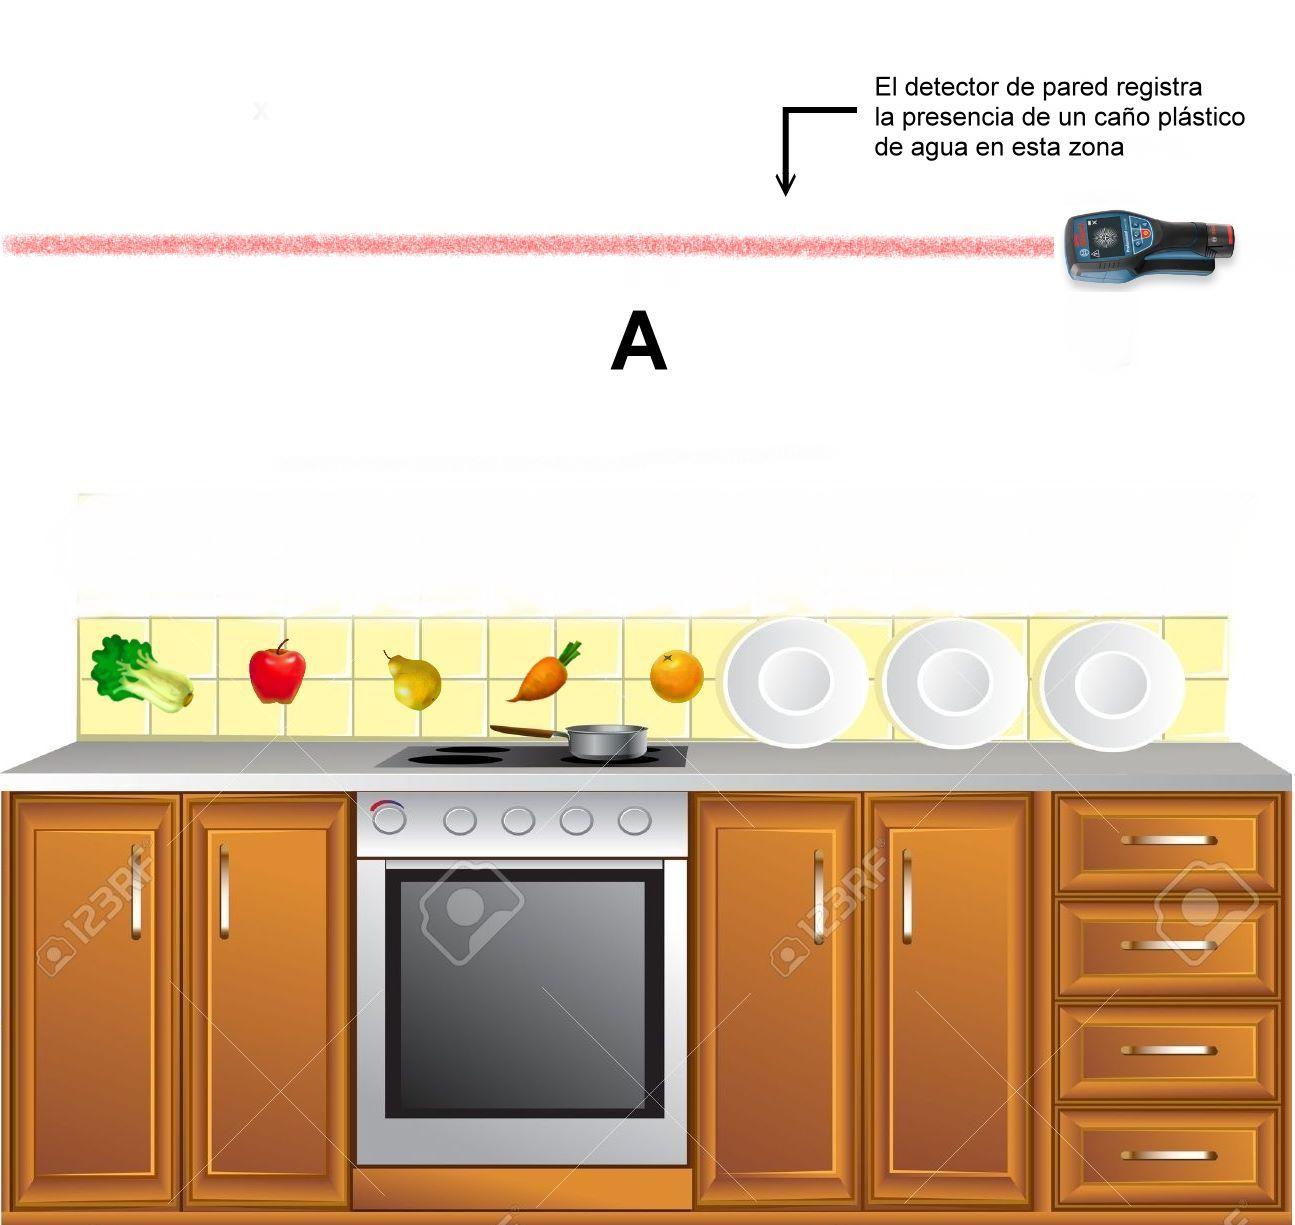 Figura 3a